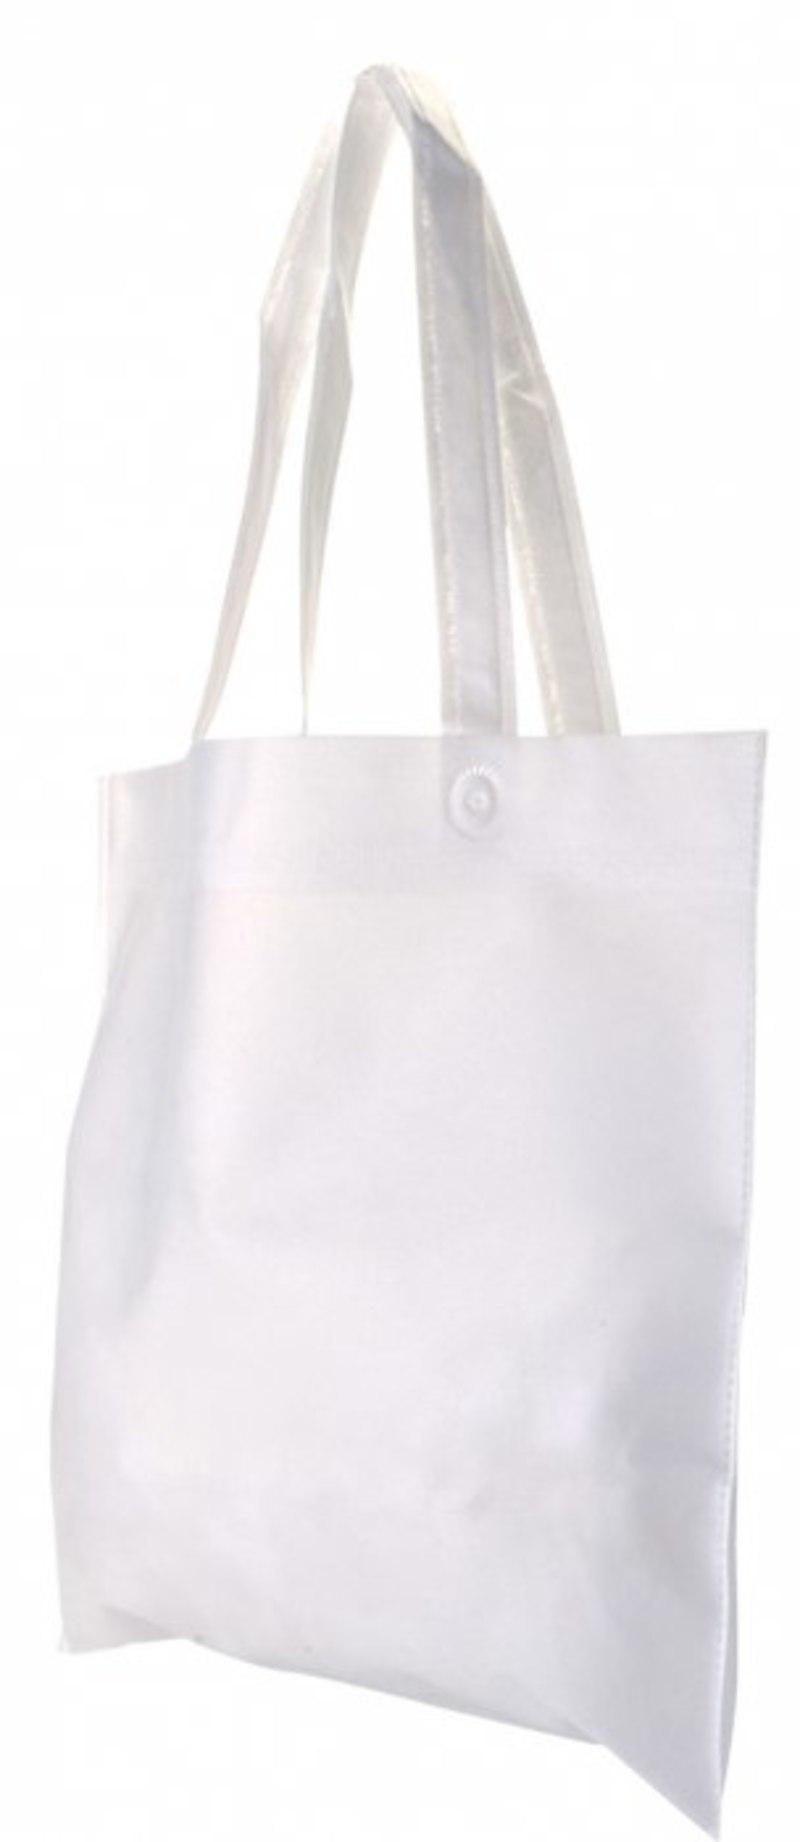 BAG IN TNT WHITE 34X44 cm